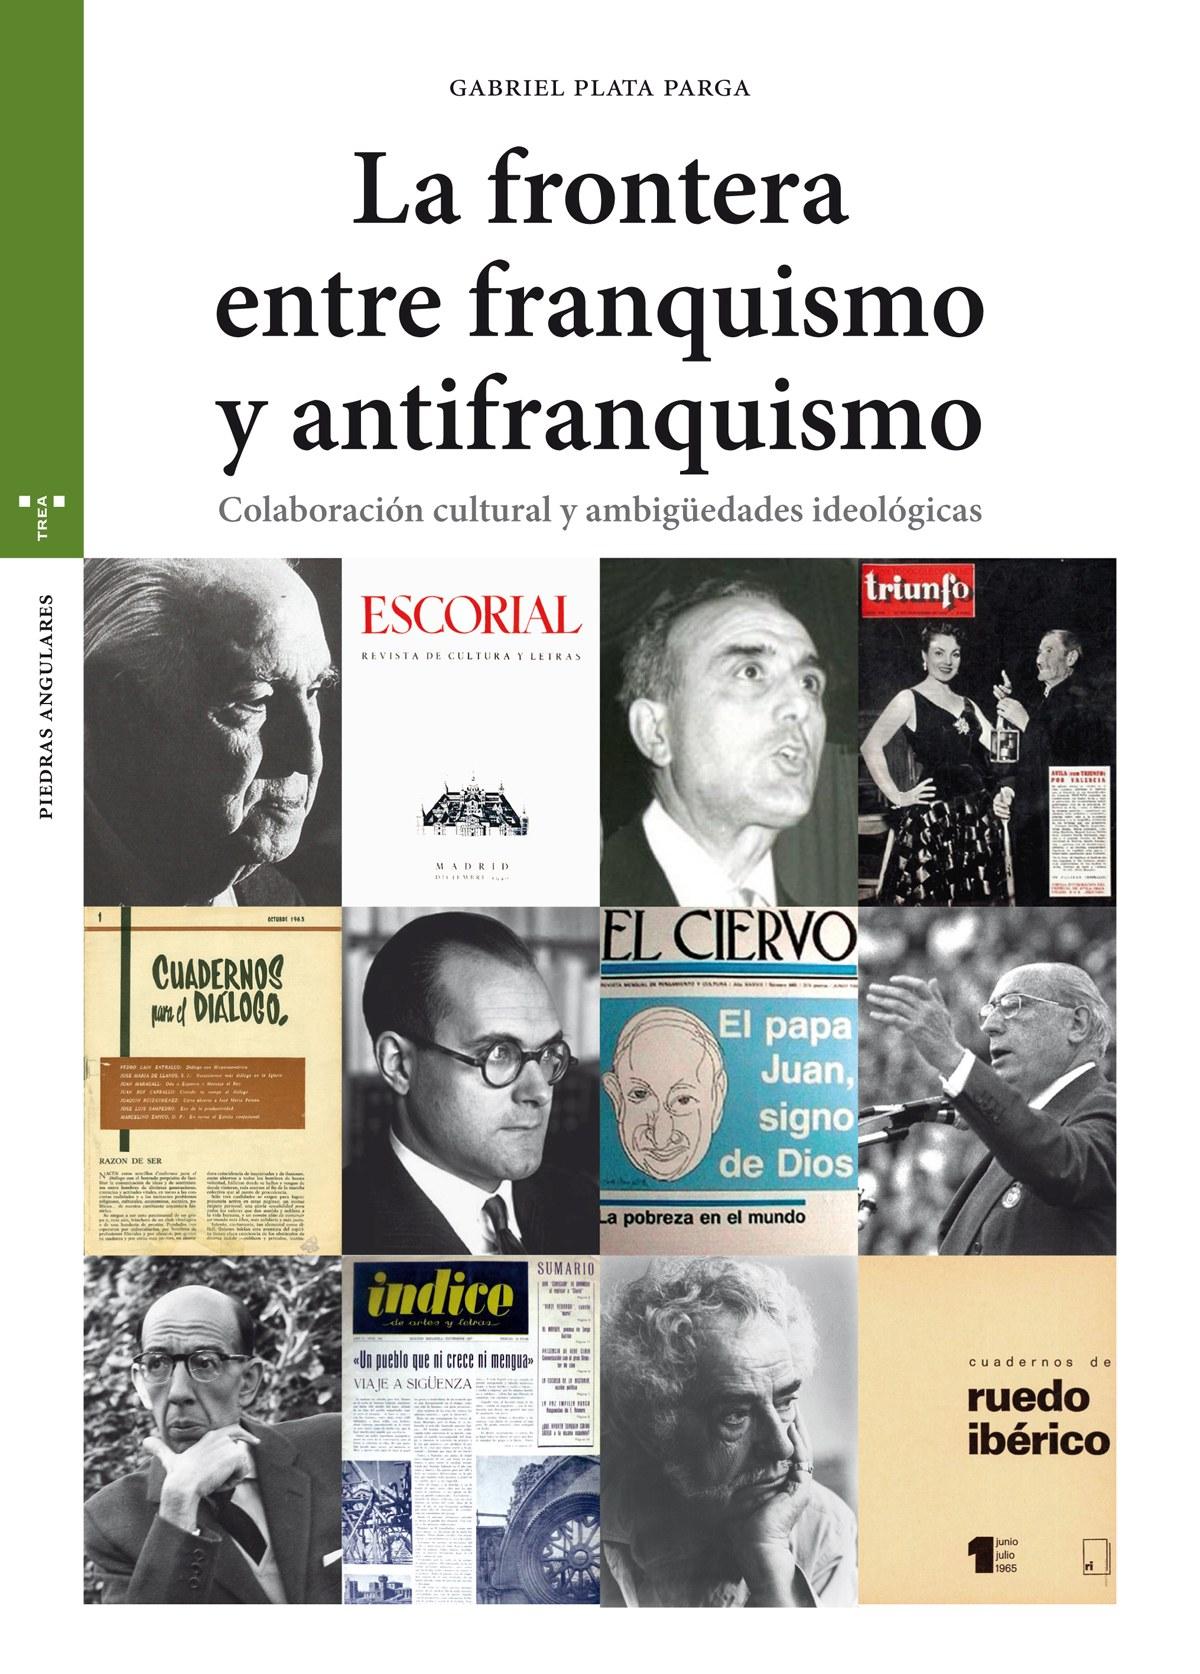 LA FRONTERA ENTRE FRANQUISMO Y ANTIFRANQUISMO 9788417140441